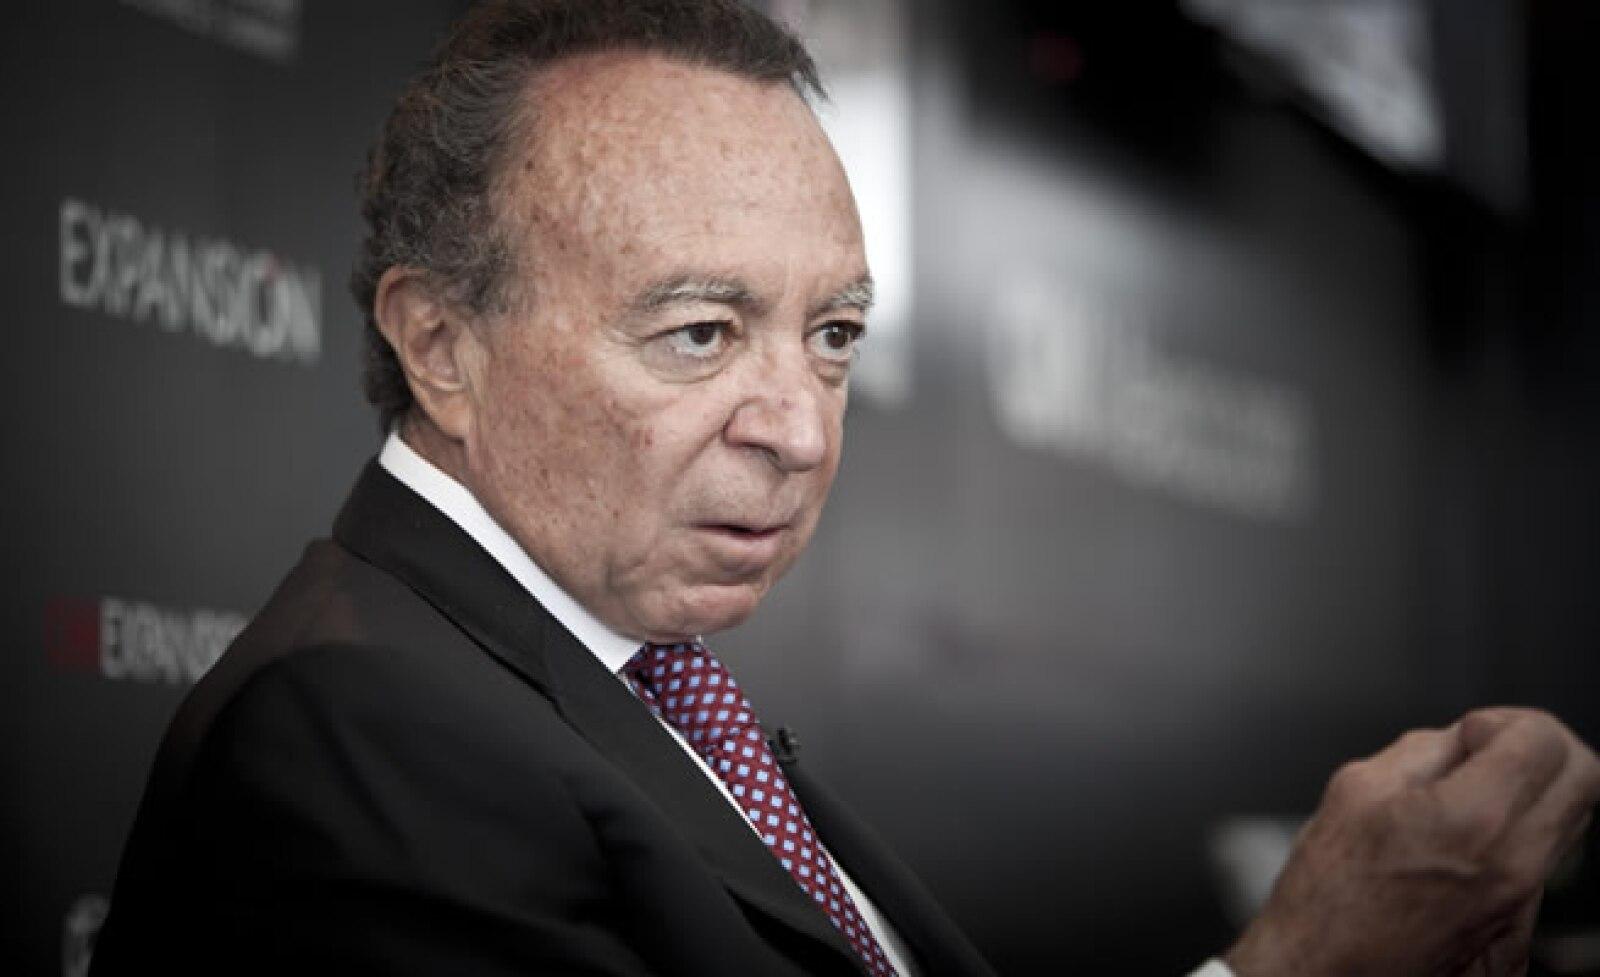 Las mineras que operan en México deben pagar regalías, consideró el presidente del Grupo Financiero Banorte, Guillermo Ortiz Martínez.